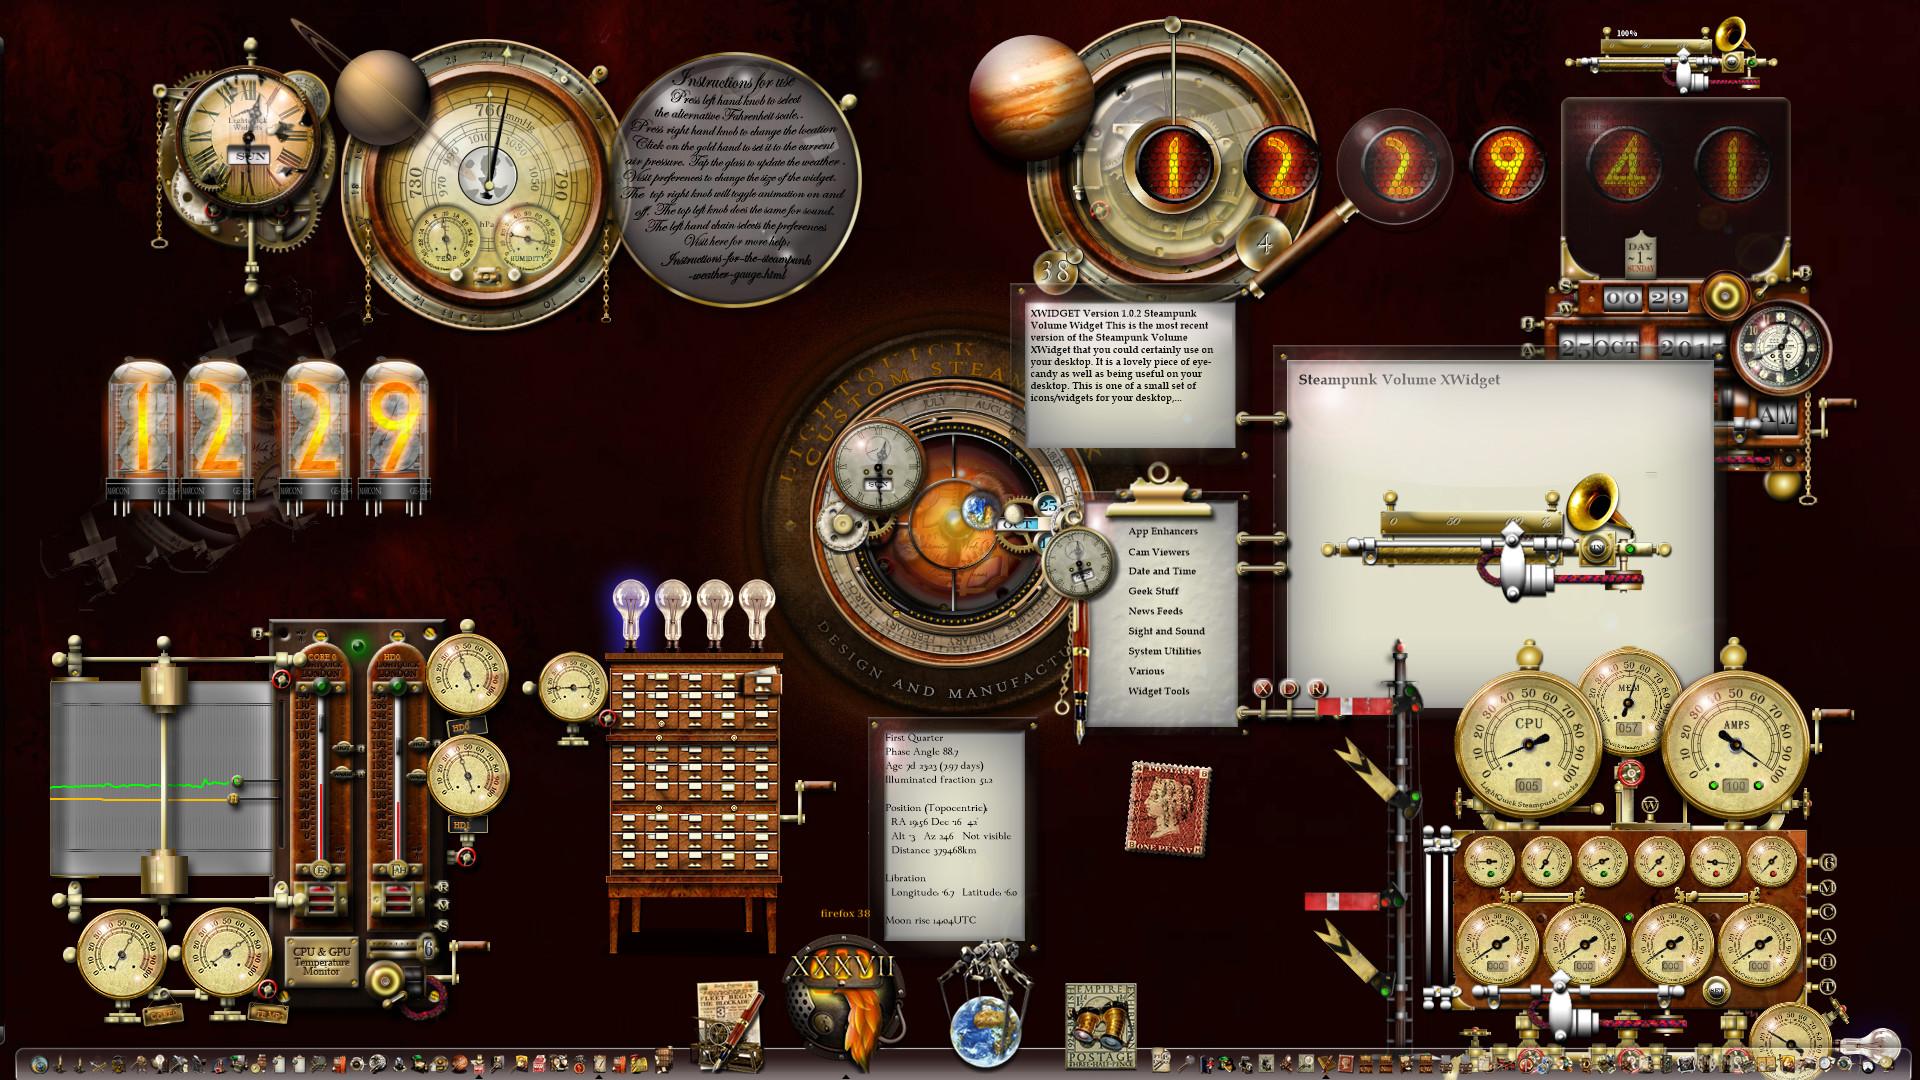 Steampunk Theme Windows 10 Desktop by yereverluvinuncleber Steampunk Theme Windows  10 Desktop by yereverluvinuncleber